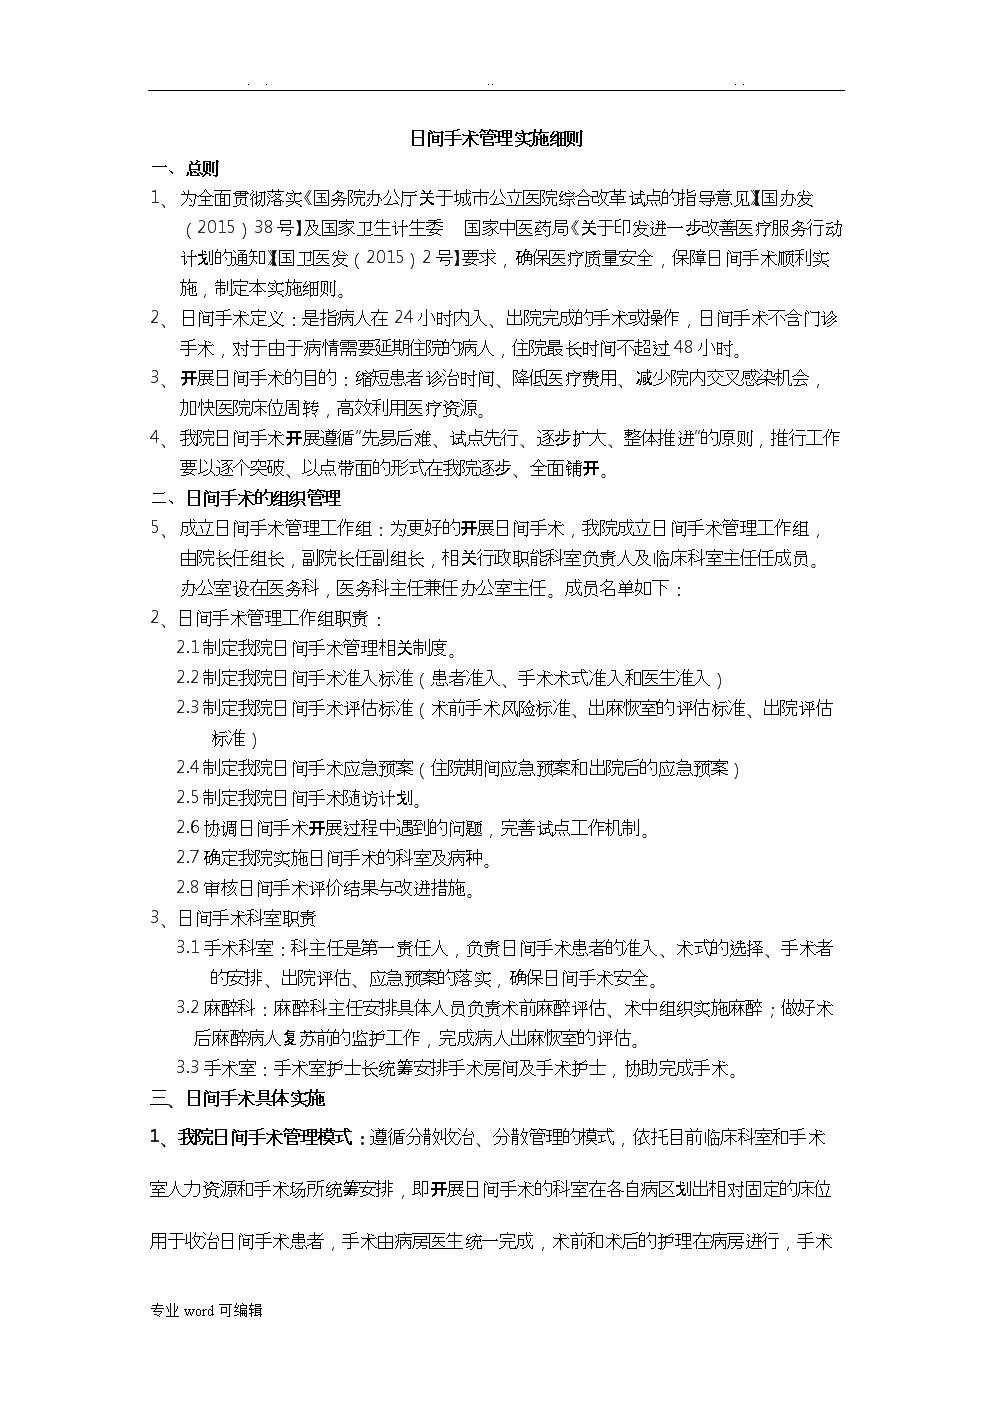 日间手术实施细则.doc